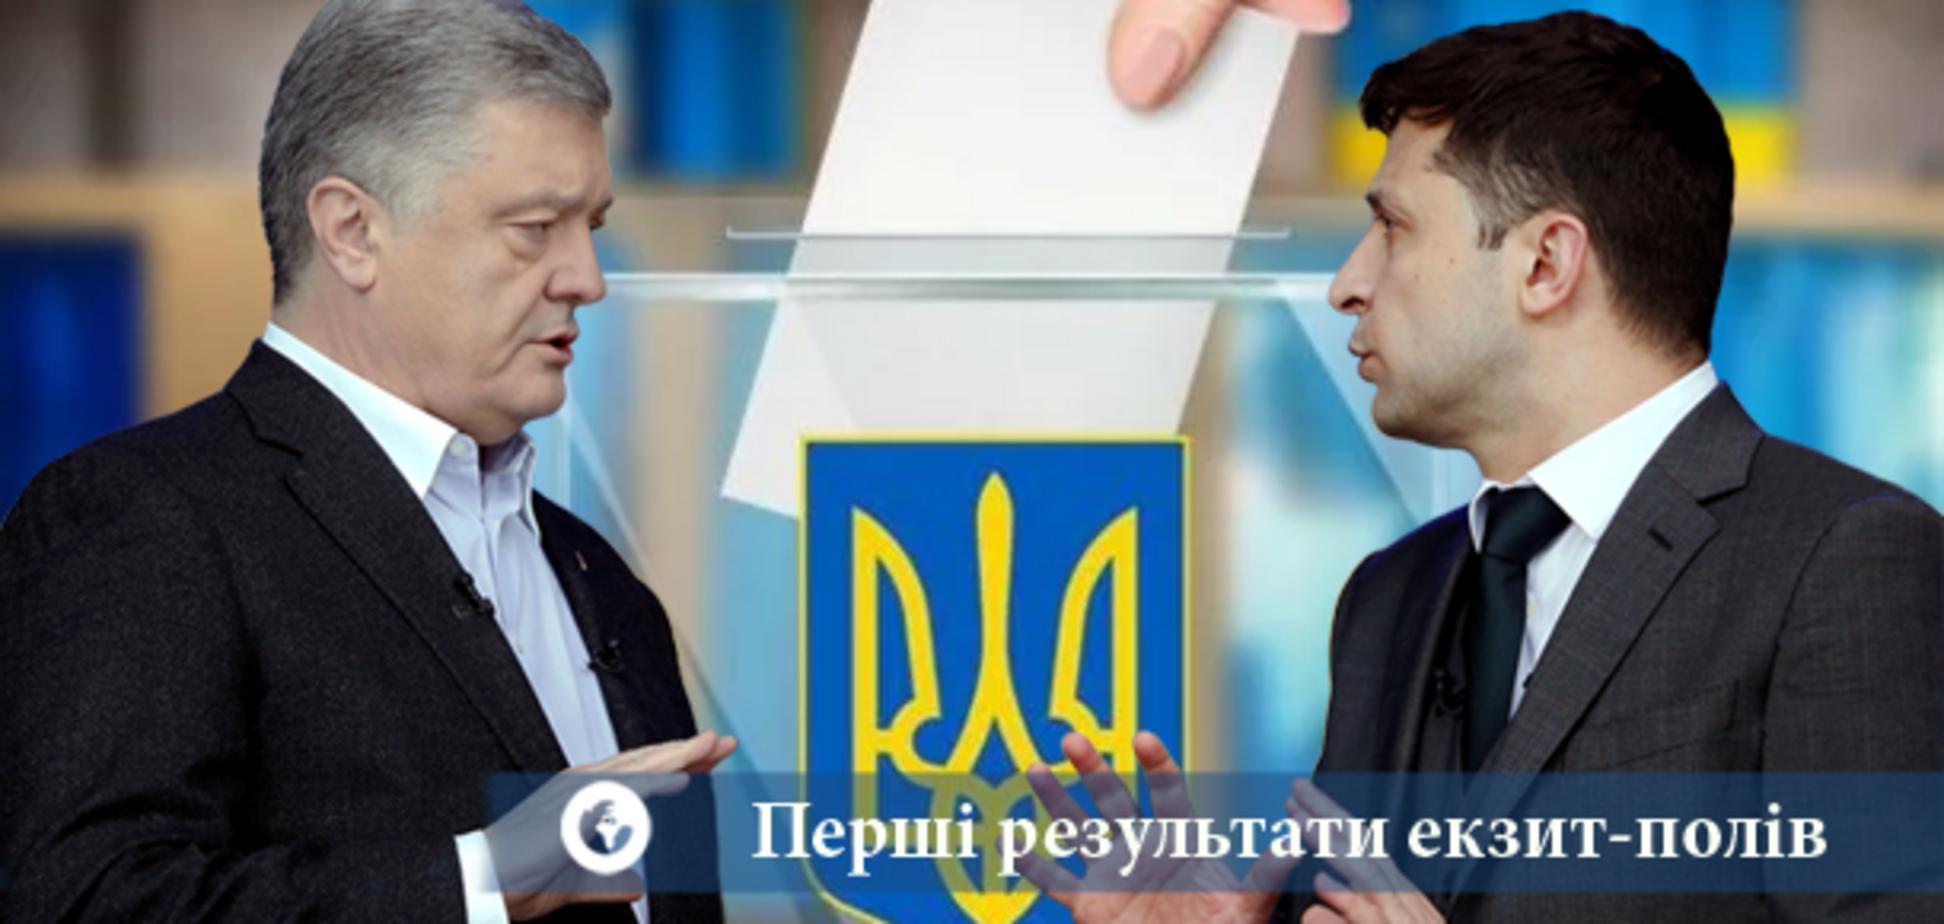 Зеленський vs Порошенко: результати всіх екзит-полів